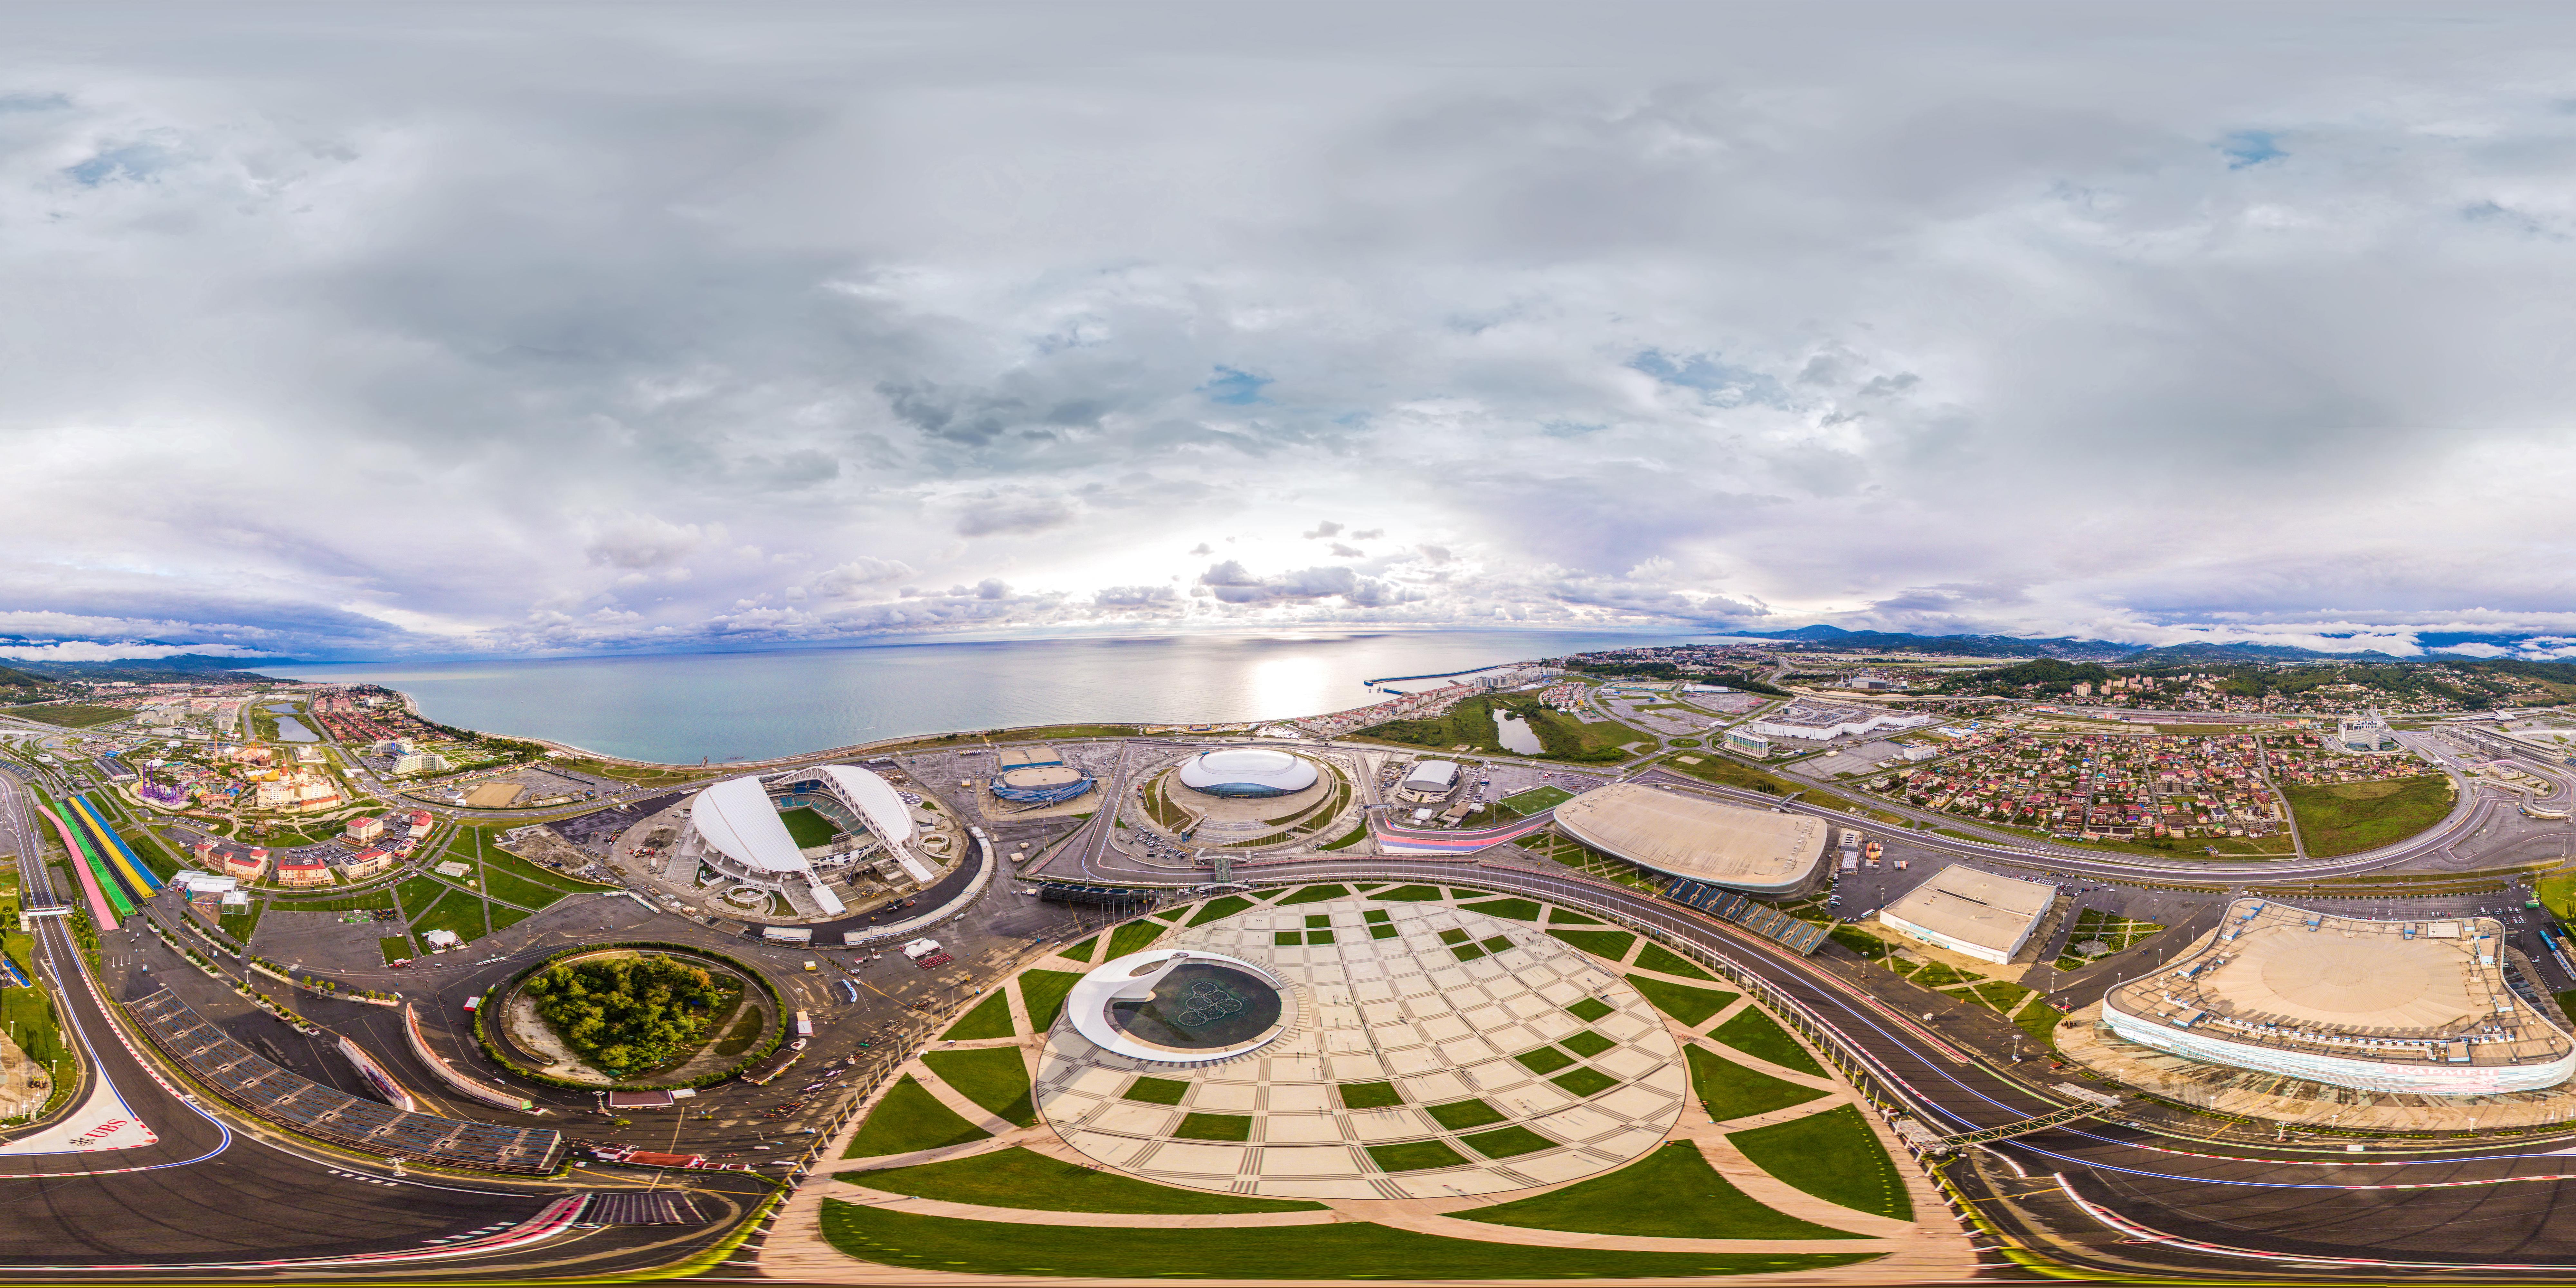 идеи фото олимпийский парк сочи вид сверху для